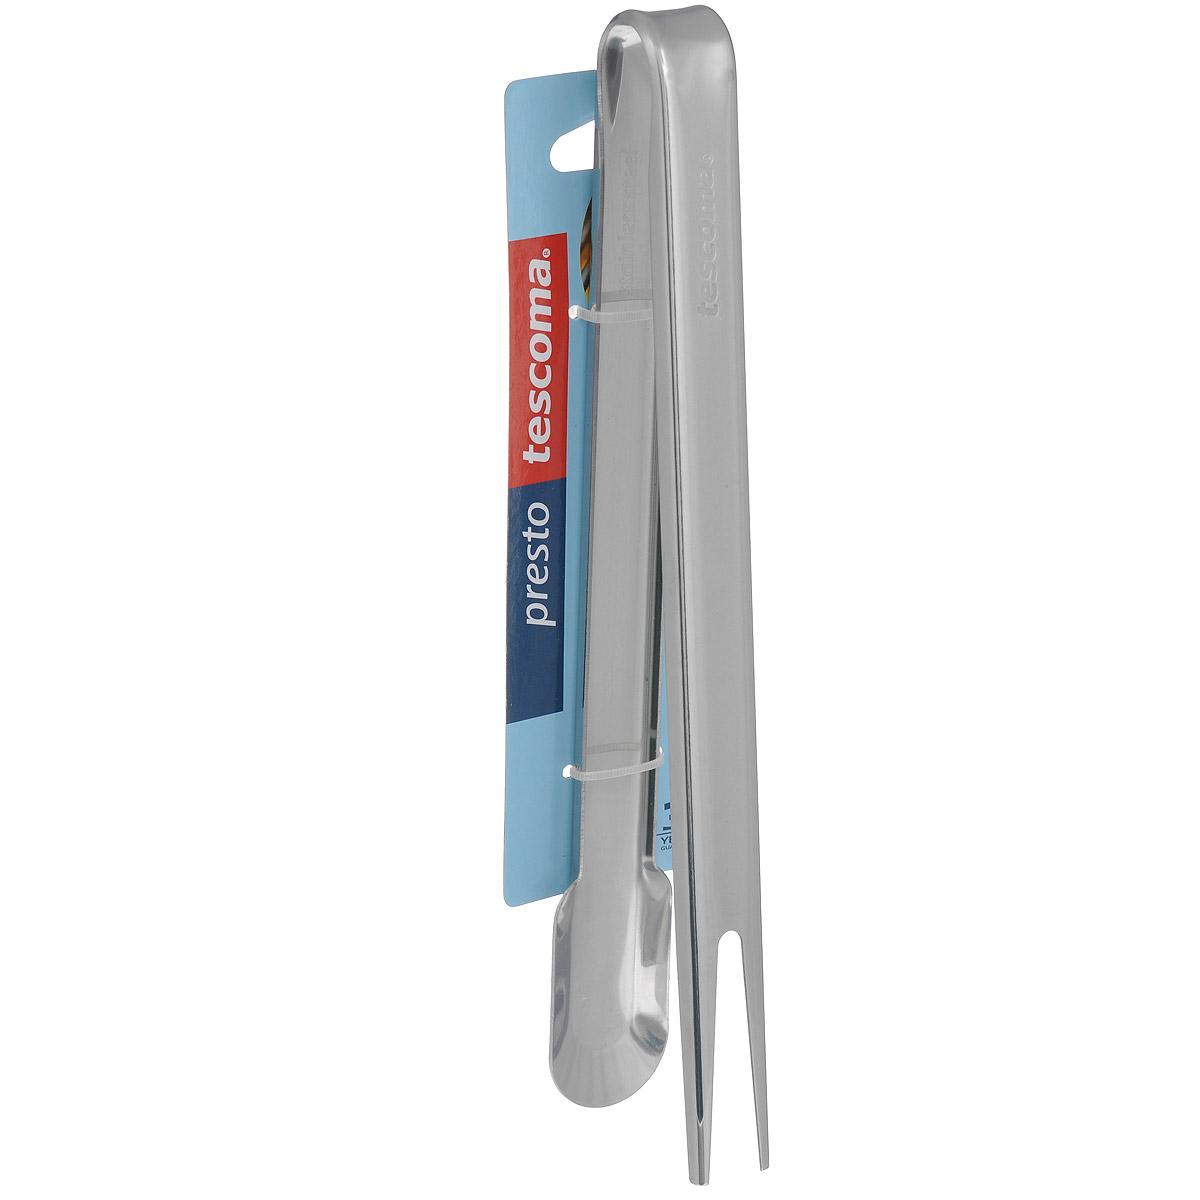 Щипцы Tescoma Presto, с вилкой , длина 24 см420525Щипцы с вилкой Tescoma Presto выполнены из высококачественного нержавеющей стали и предназначены для приготовления стейков, мяса гриль и барбекю.Щипцы Tescoma Prestoстанут отличным дополнением к коллекции ваших кухонных аксессуаров. Можно мыть в посудомоечной машине. Общая длина: 24 см.